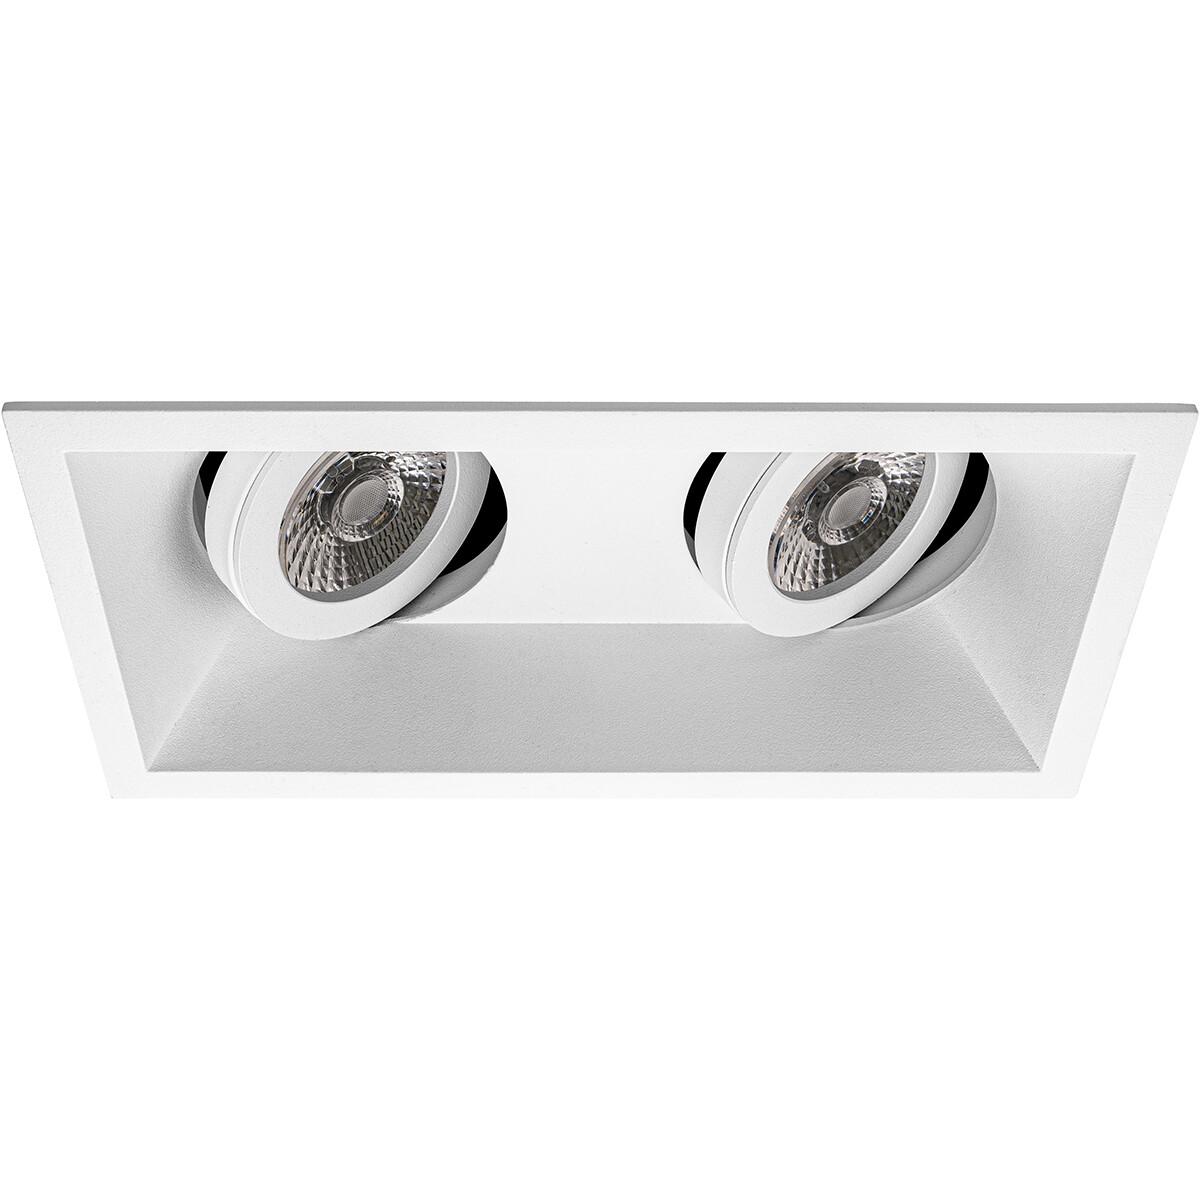 Spot Armatuur GU10 - Pragmi Zano Pro - Inbouw Rechthoek Dubbel - Mat Wit - Aluminium - Kantelbaar -